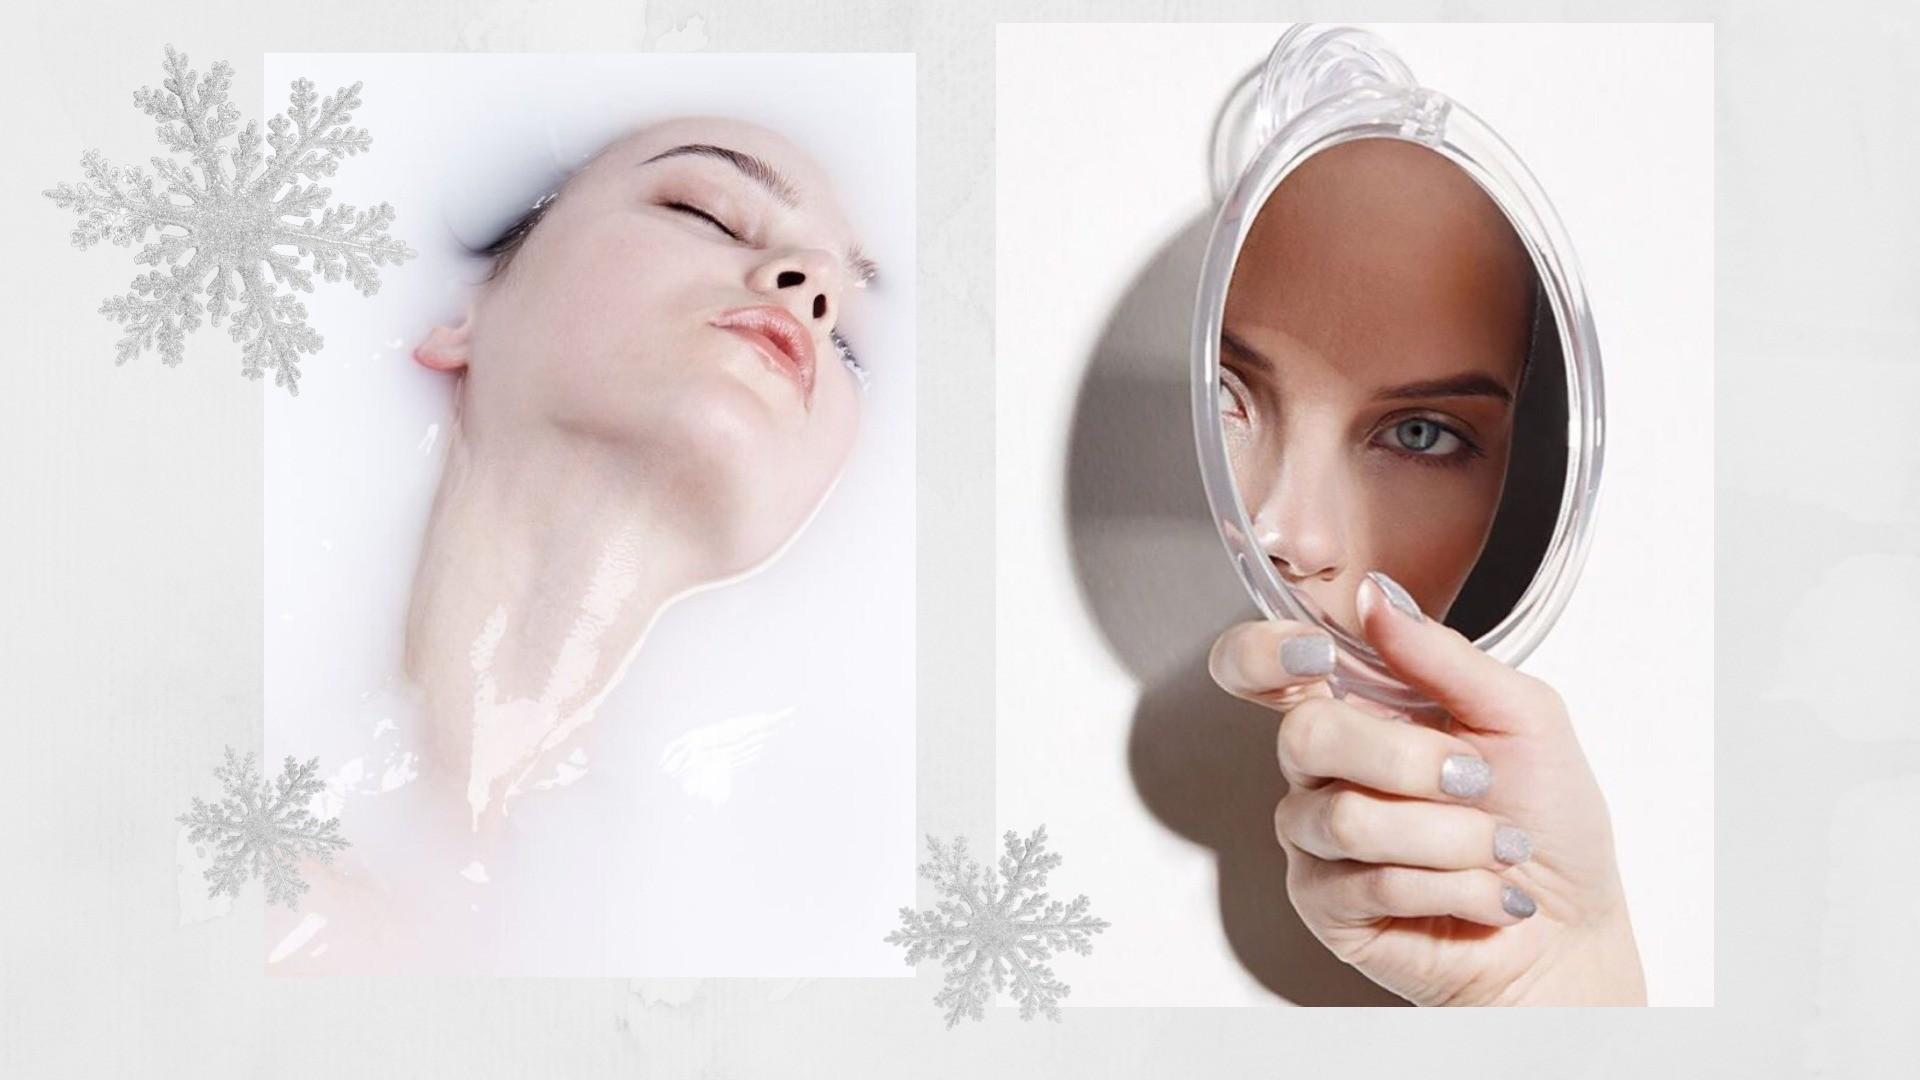 Топ-4 части твоего тела, которым нужна особенная забота зимой